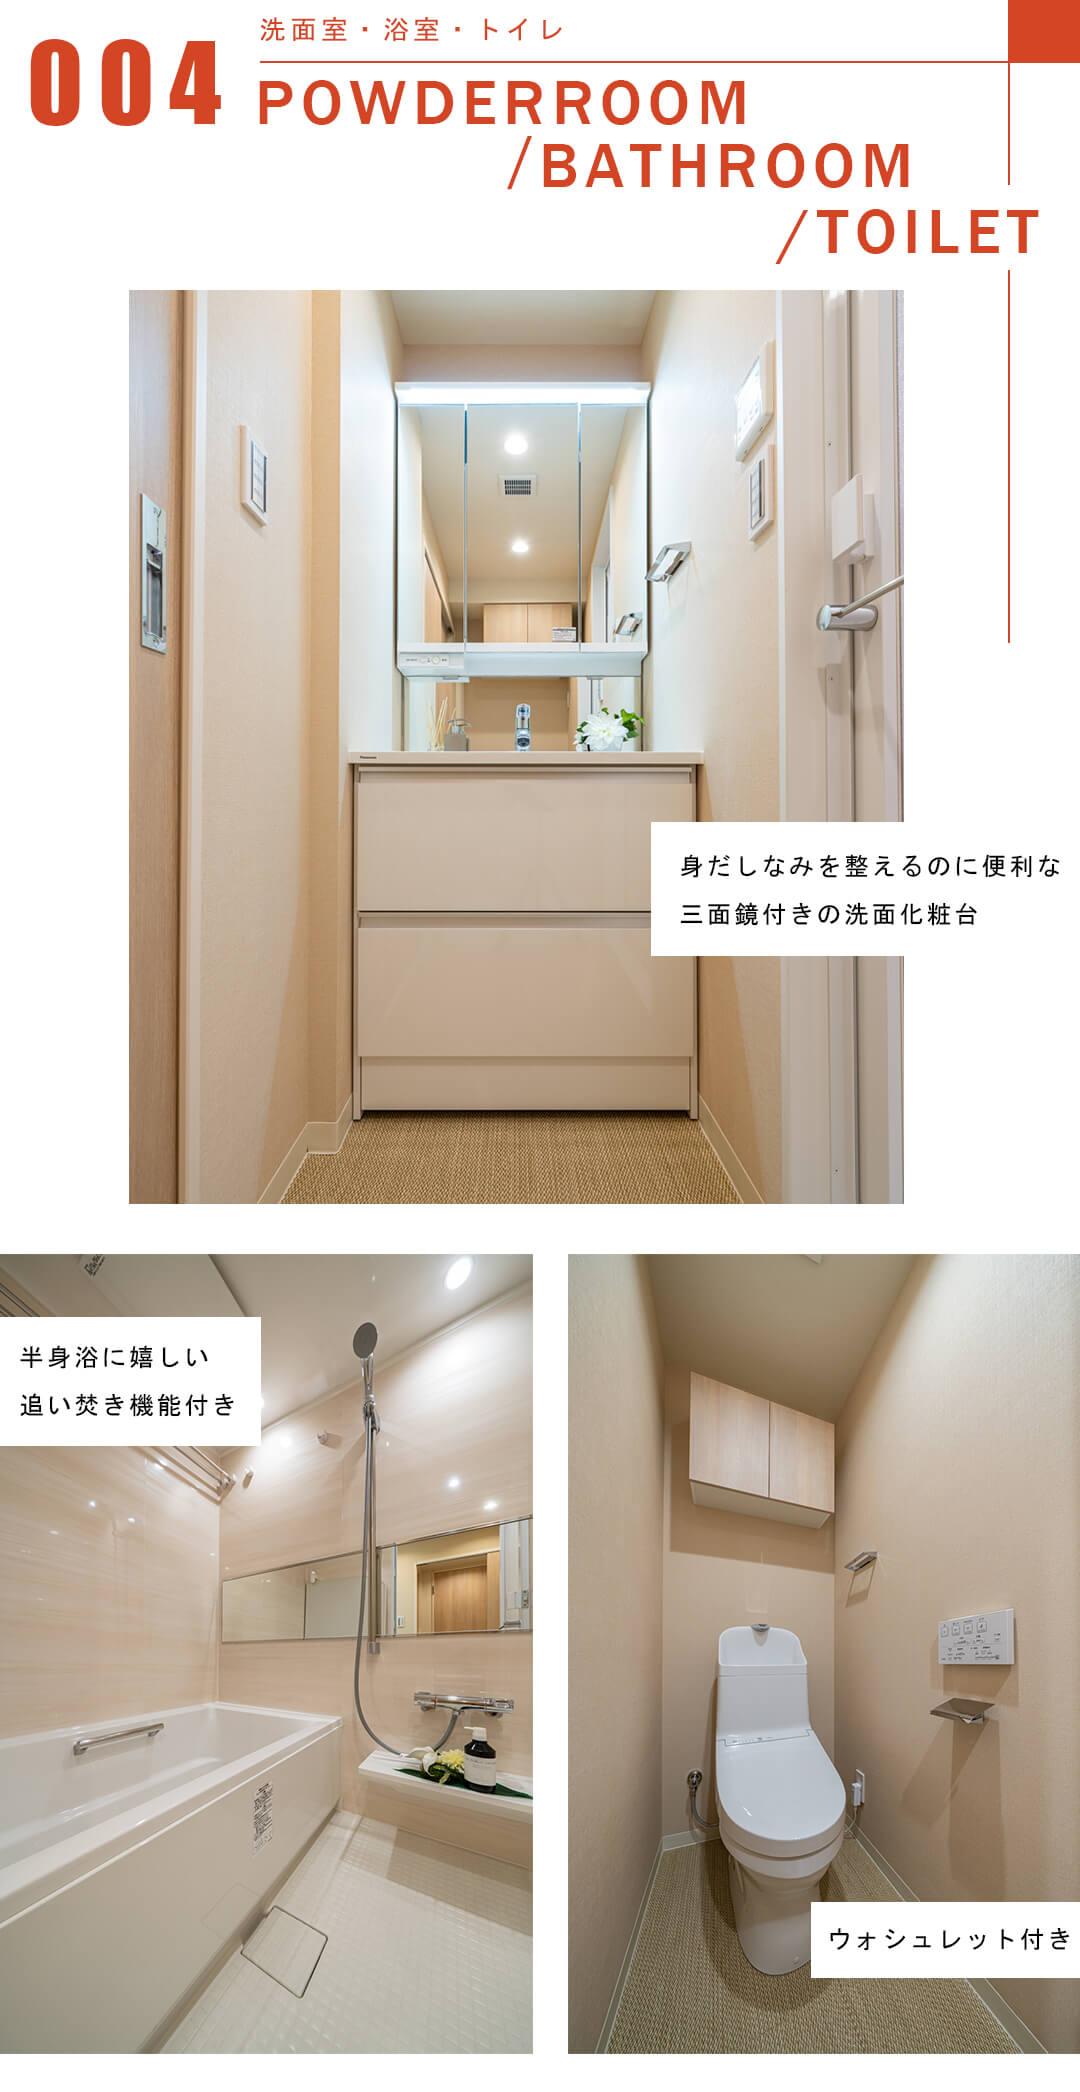 マンションアクロス代々木の洗面室と浴室とトイレ